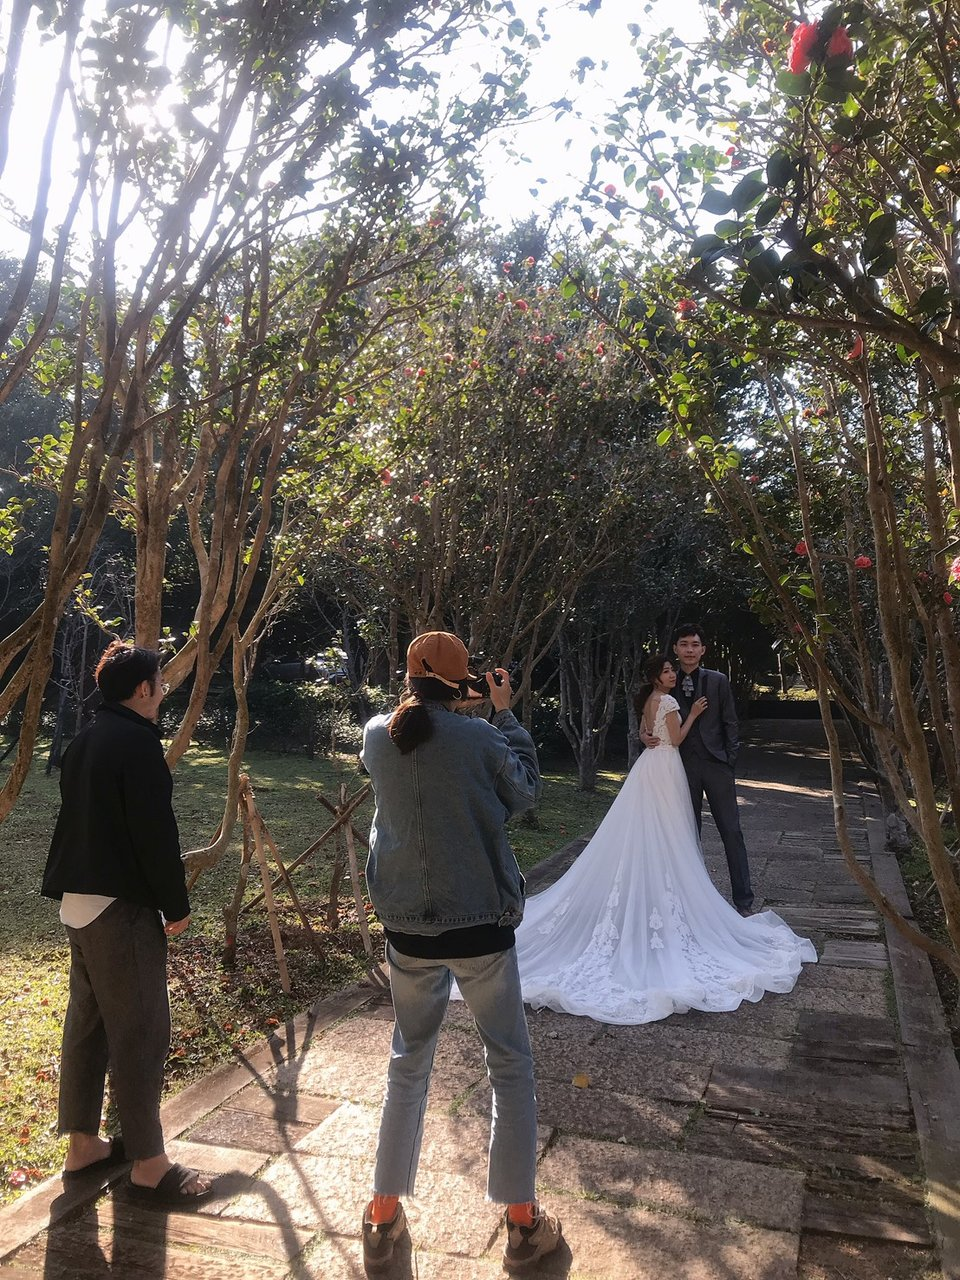 ONLY YOU 唯你婚紗攝影,Onlyyou婚紗拍攝謝謝給我好天氣